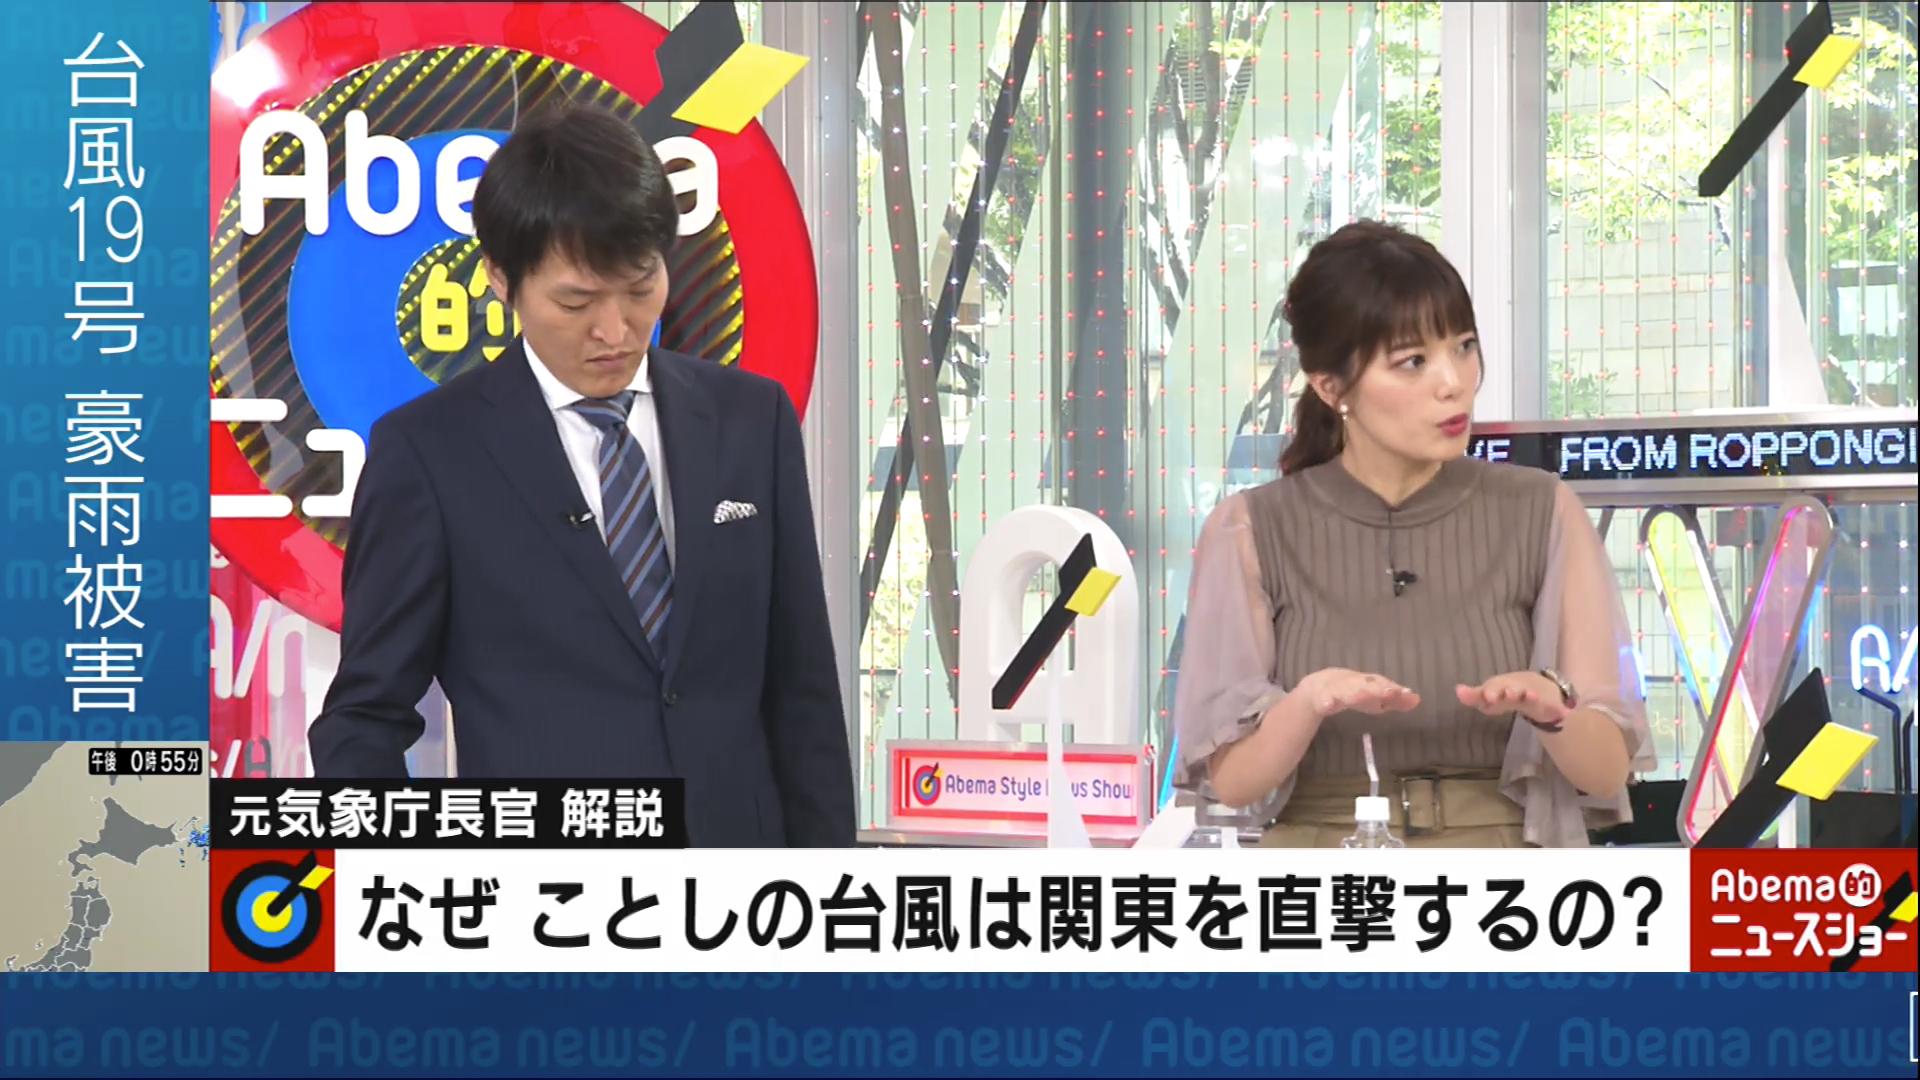 2019年10月13日に放送された「Abema的ニュースショー」に出演した三谷紬さんのテレビキャプチャー画像-056